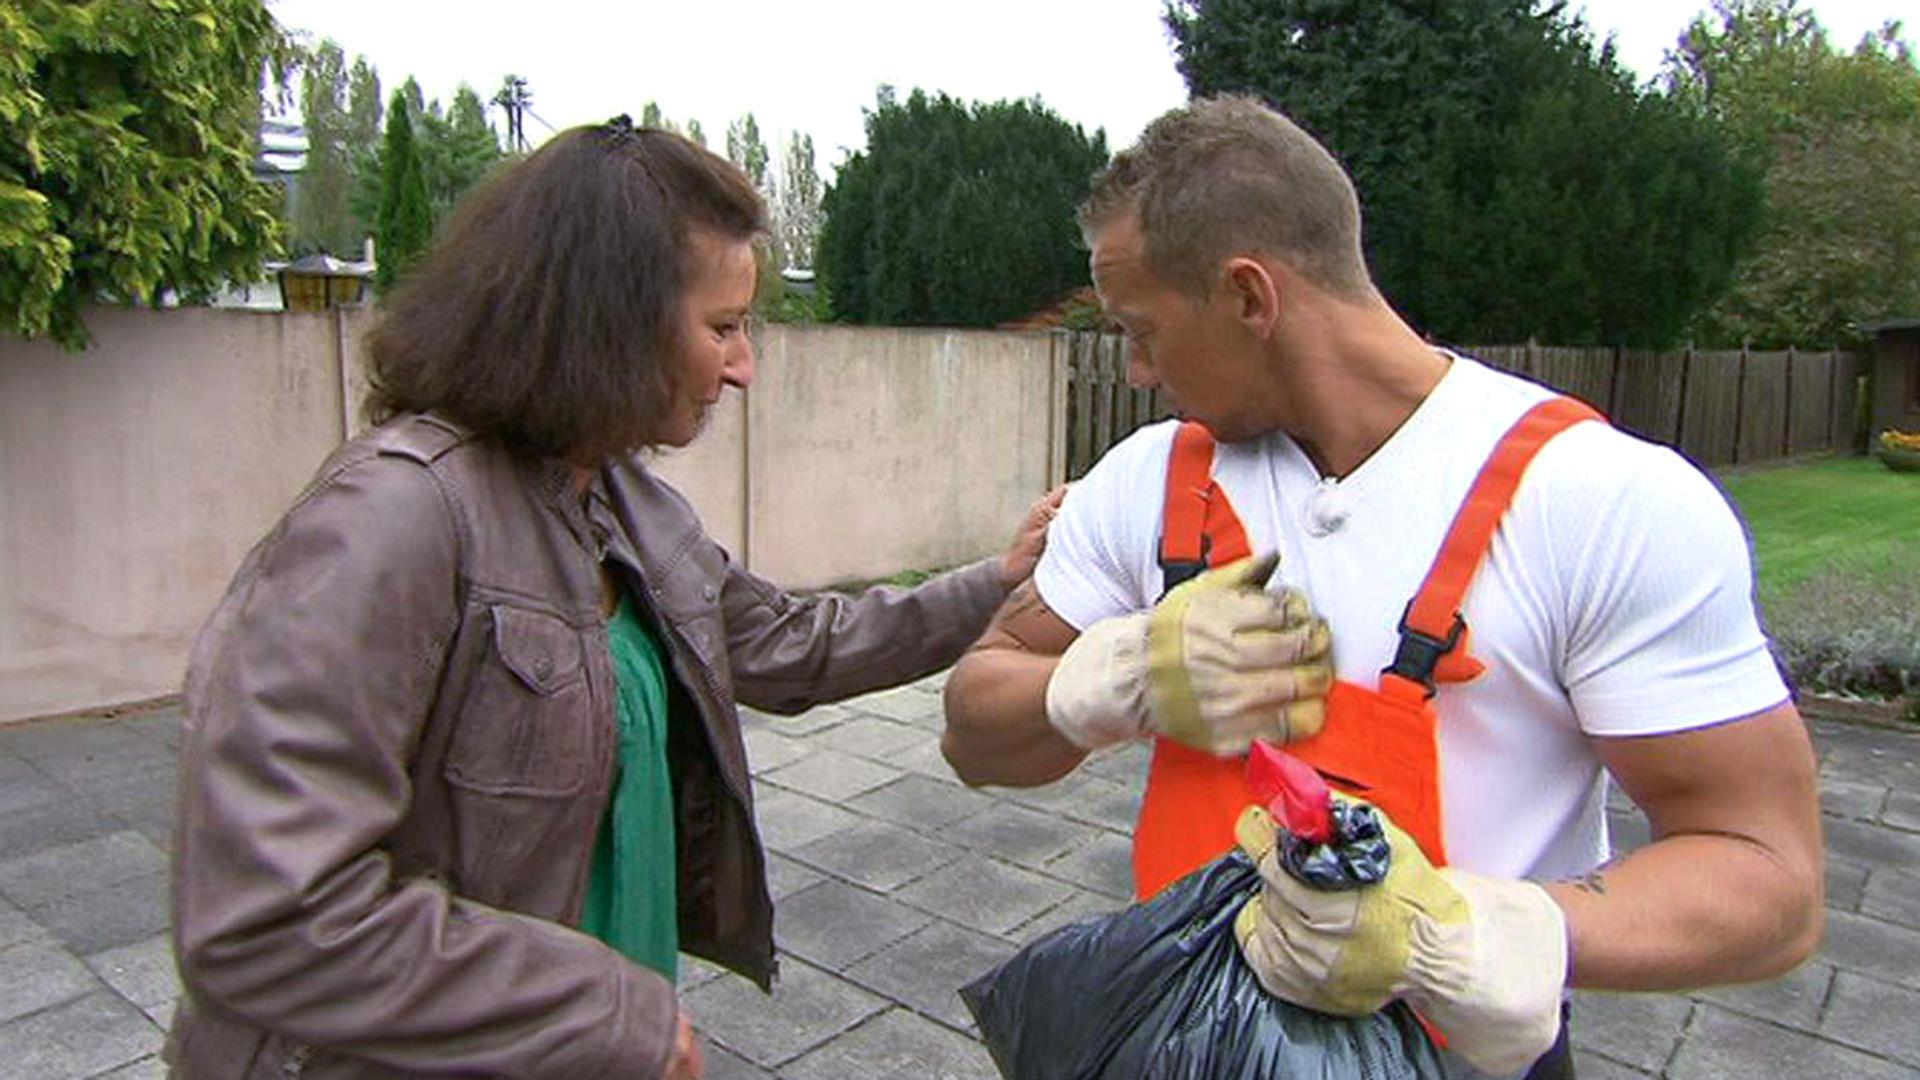 Müllmann will unbedingt Frau kennen lernen | Folge 103